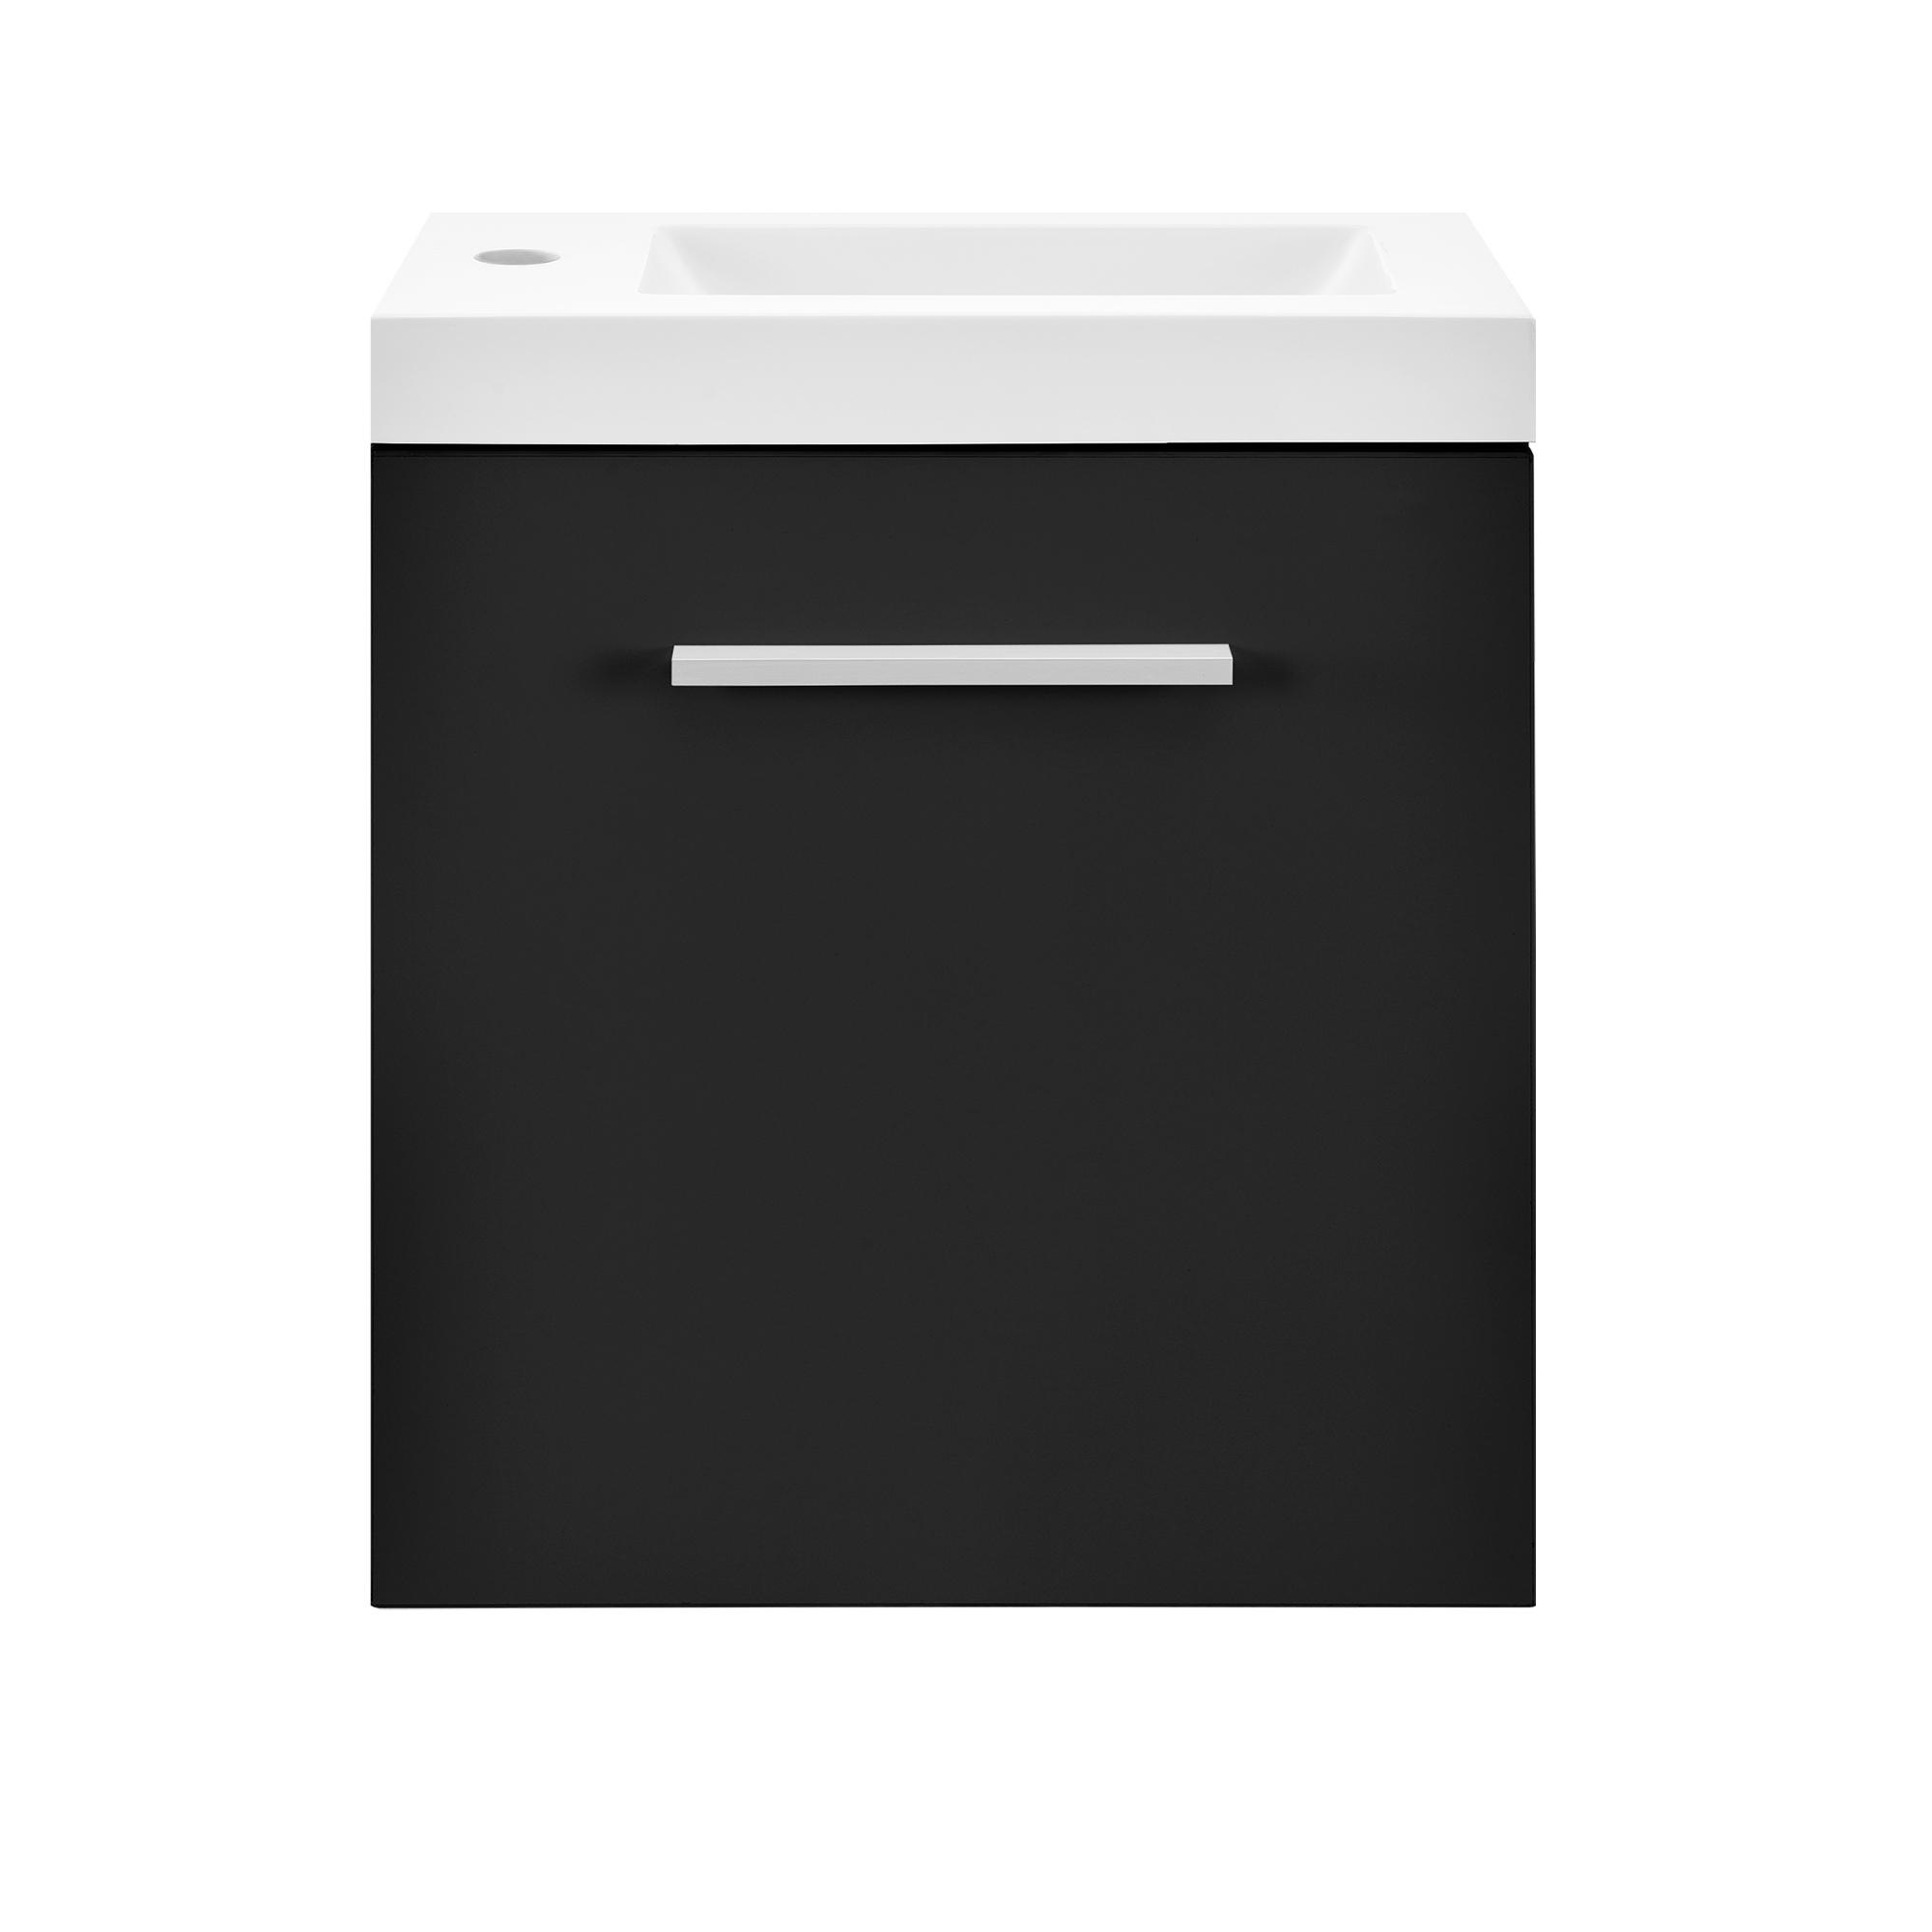 Neuhaus armoire de salle bain miroir meuble dessous lavabo noir ebay - Ebay meuble salle de bain ...